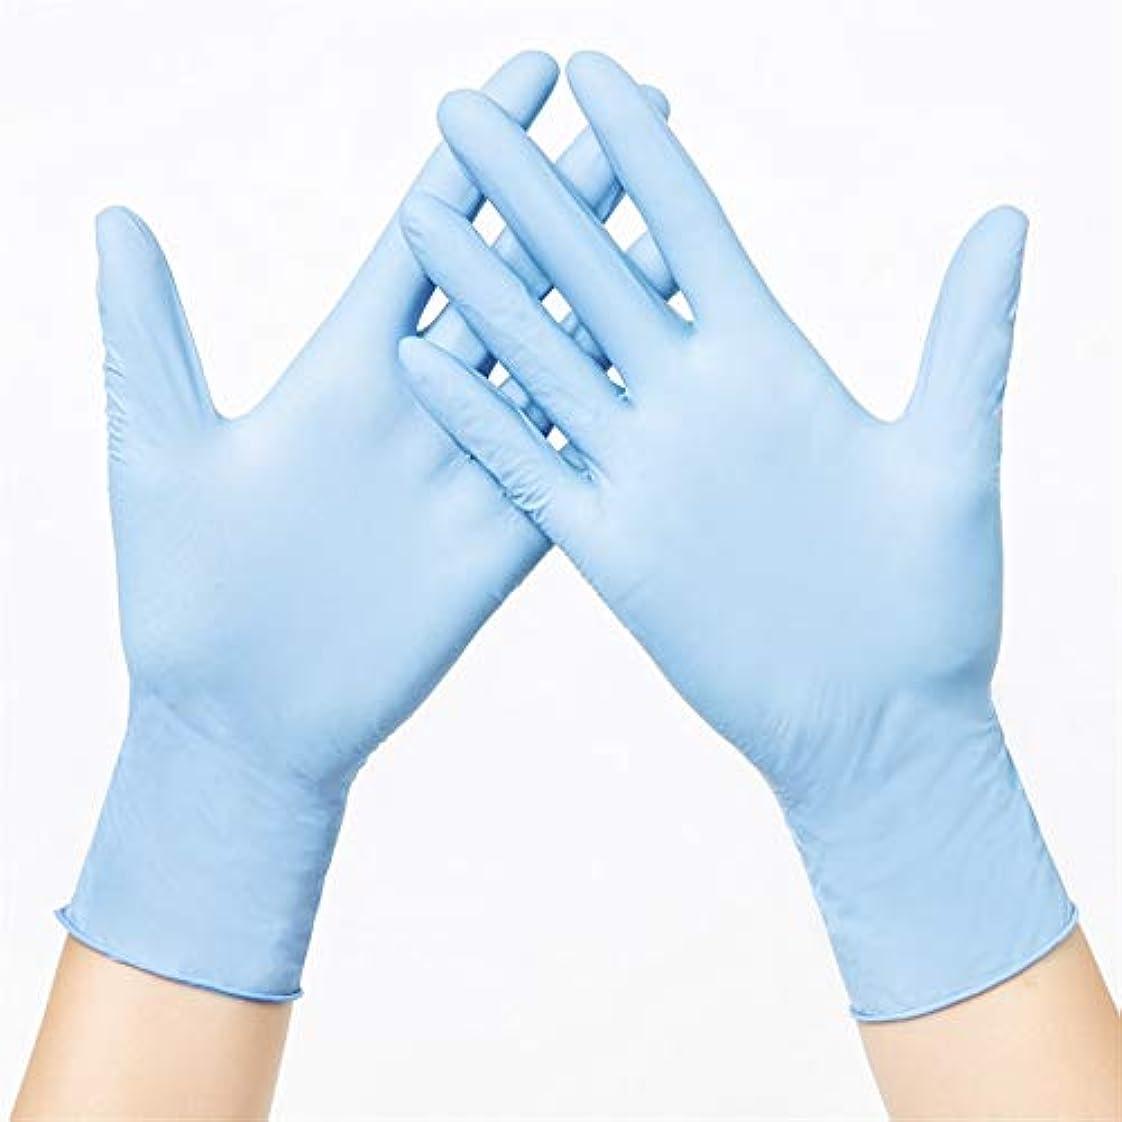 刃犬カイウスニトリルゴム手袋 使い捨て手袋ゴム製超薄型ハンドウェアラブル防水家庭用手袋、100 使い捨て手袋 (Color : Blue, Size : S)